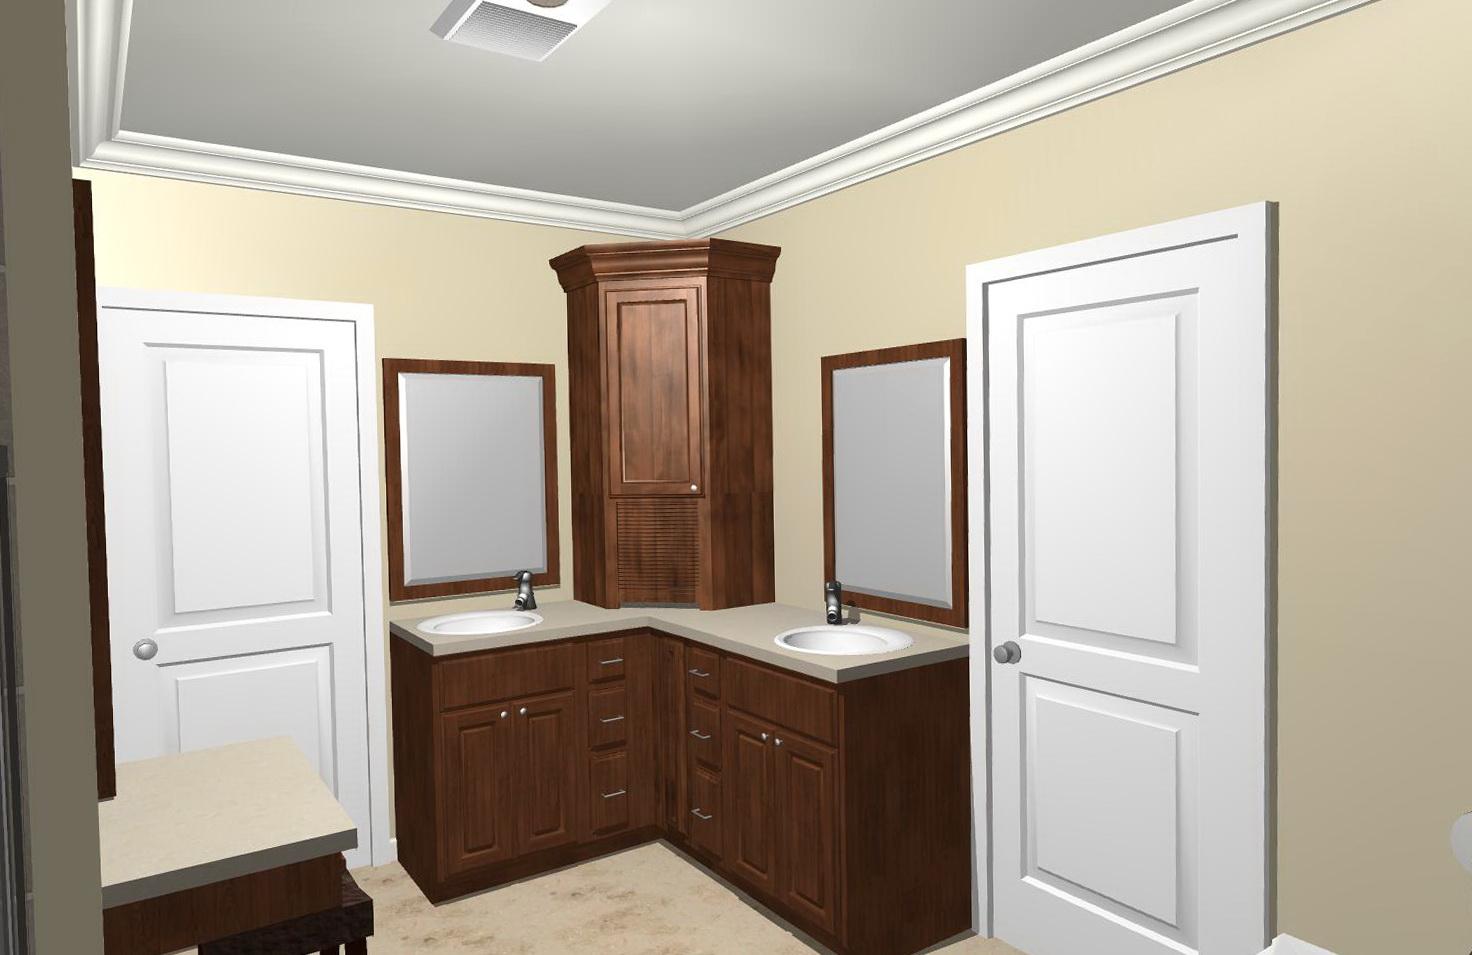 Double Bathroom Vanities With Towers